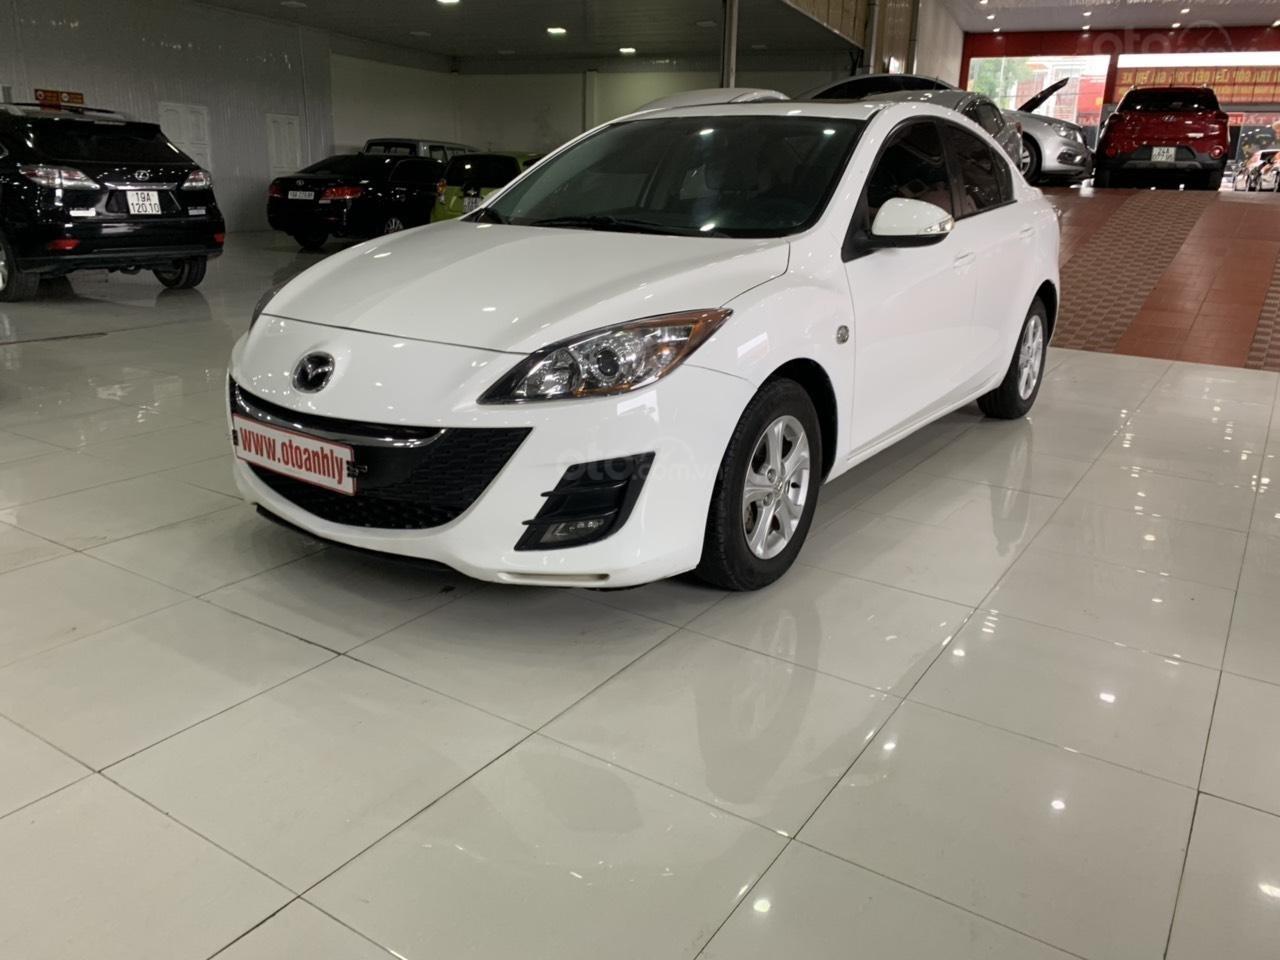 Bán xe Mazda 3 sản xuất năm 2010, màu trắng, xe nhập-1